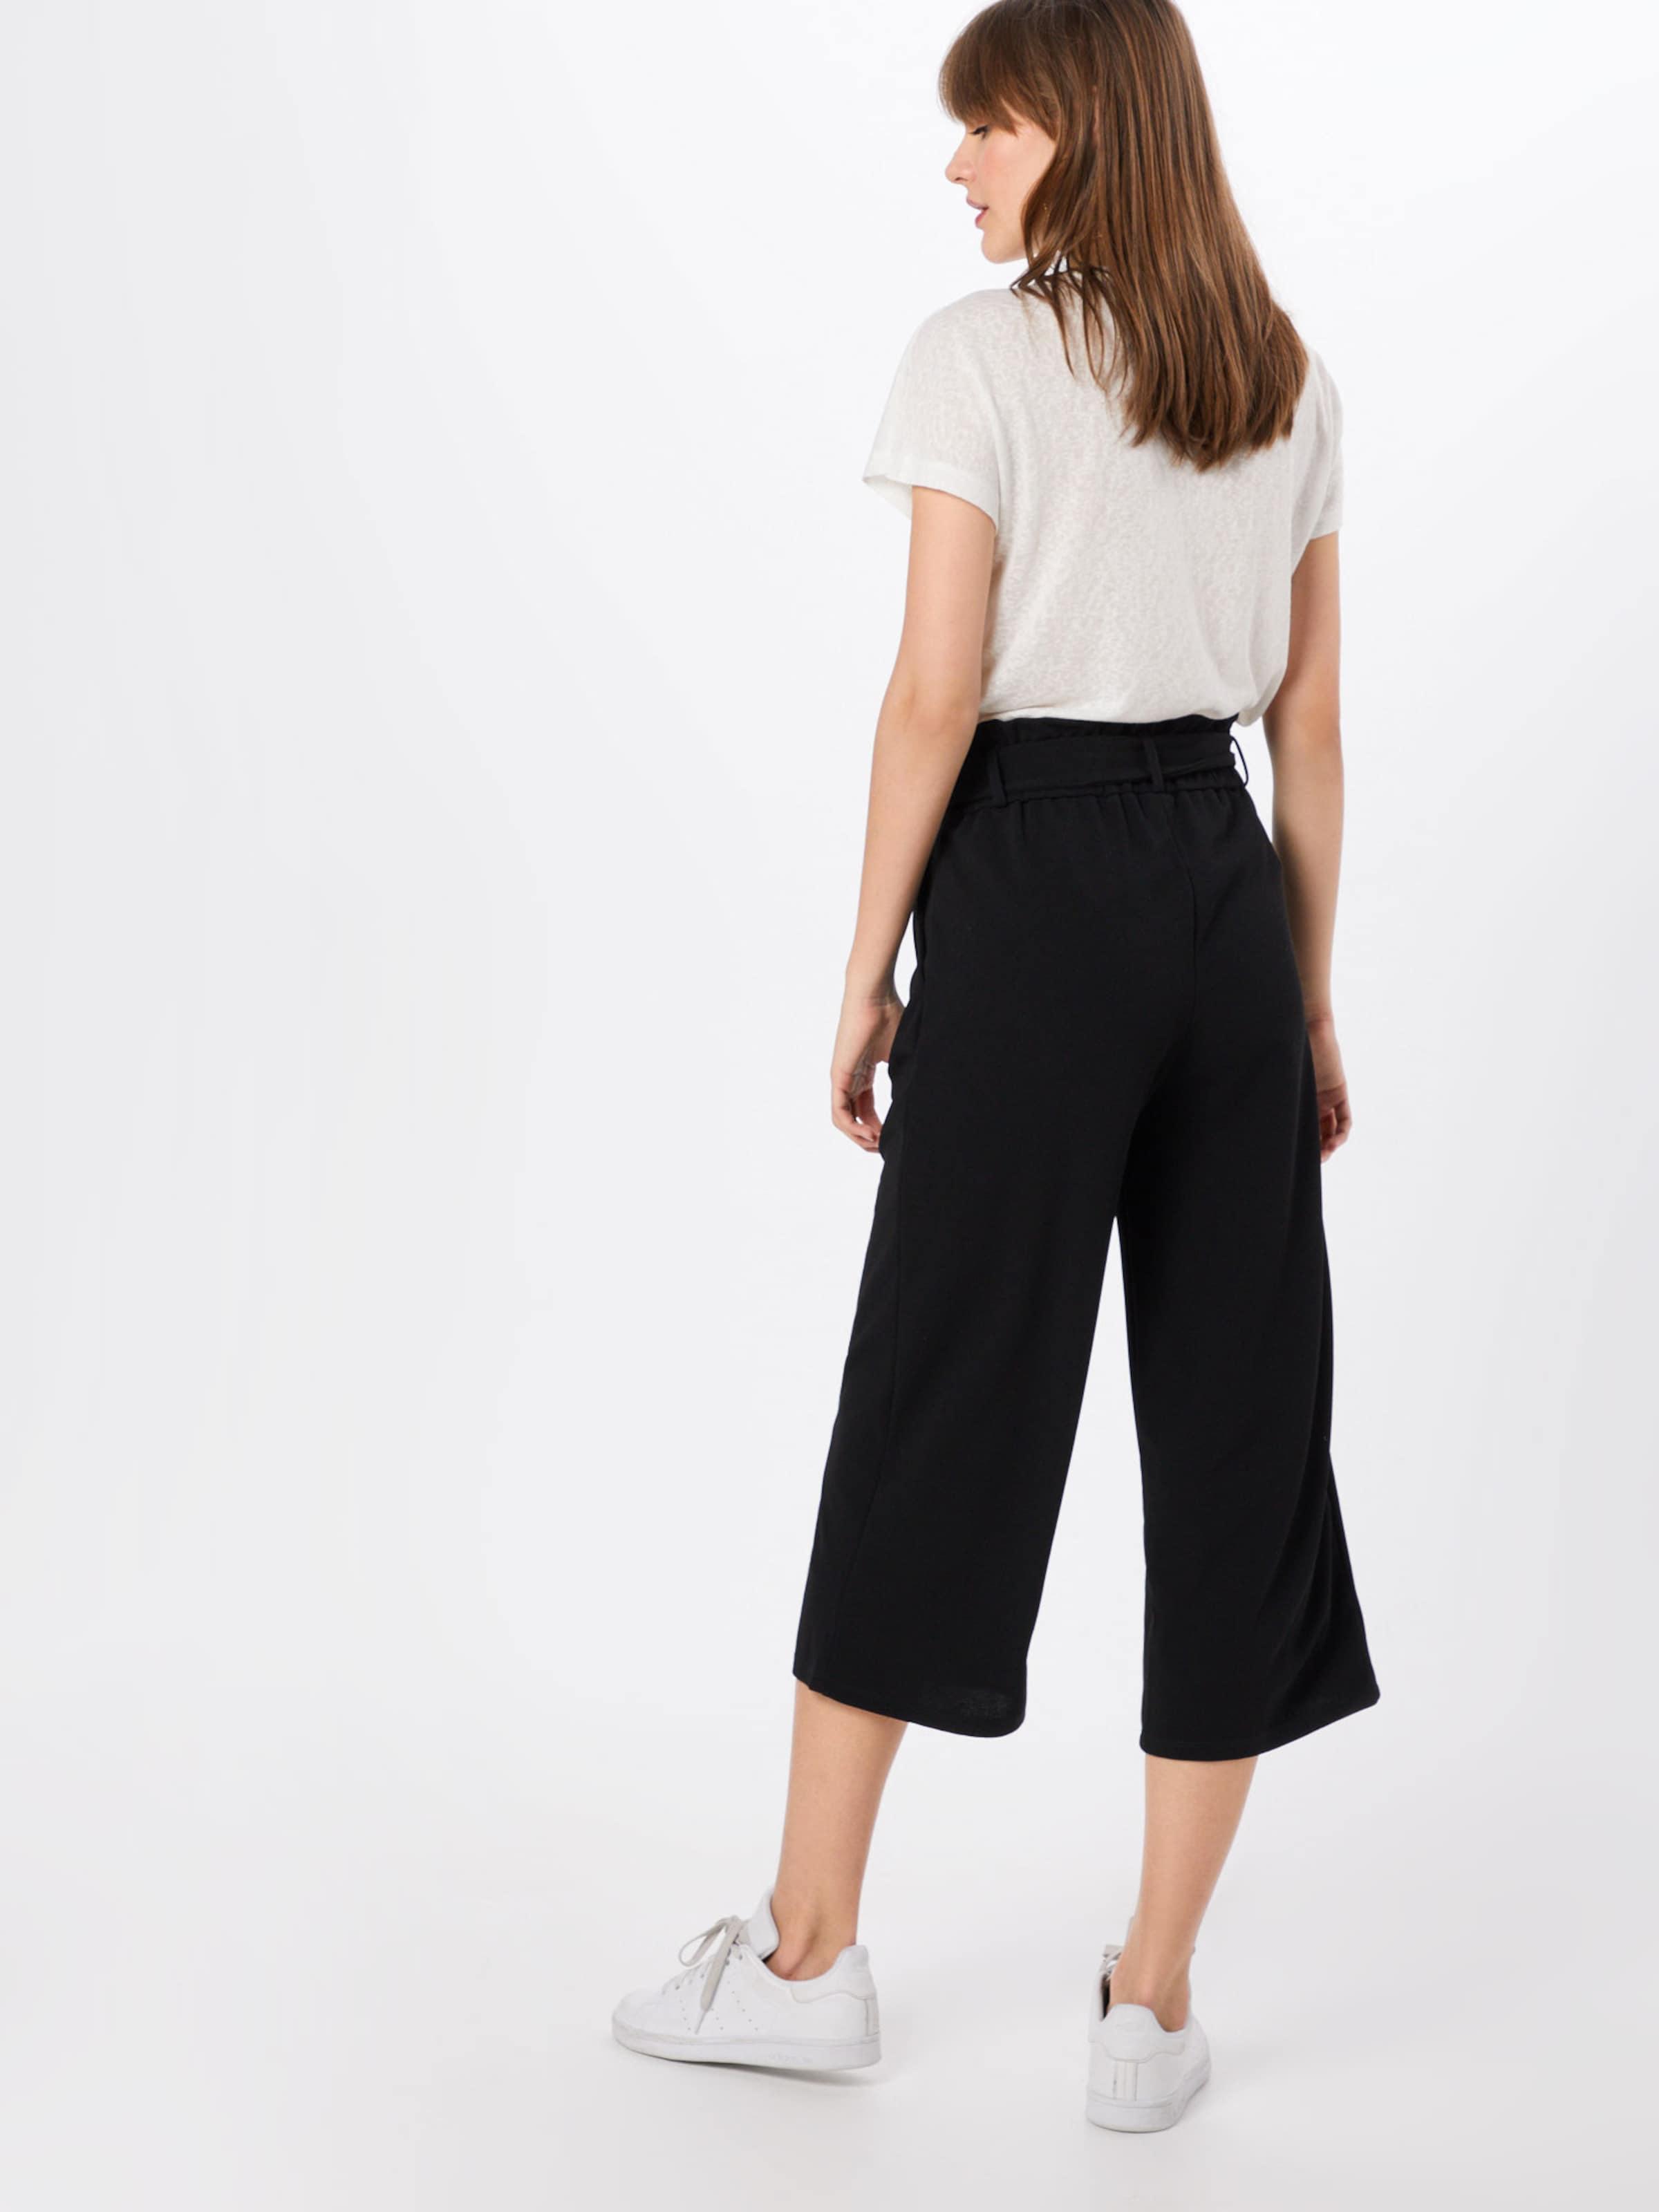 De En Pantalon Noir Yong Jacqueline 'tailor' VSUMzp